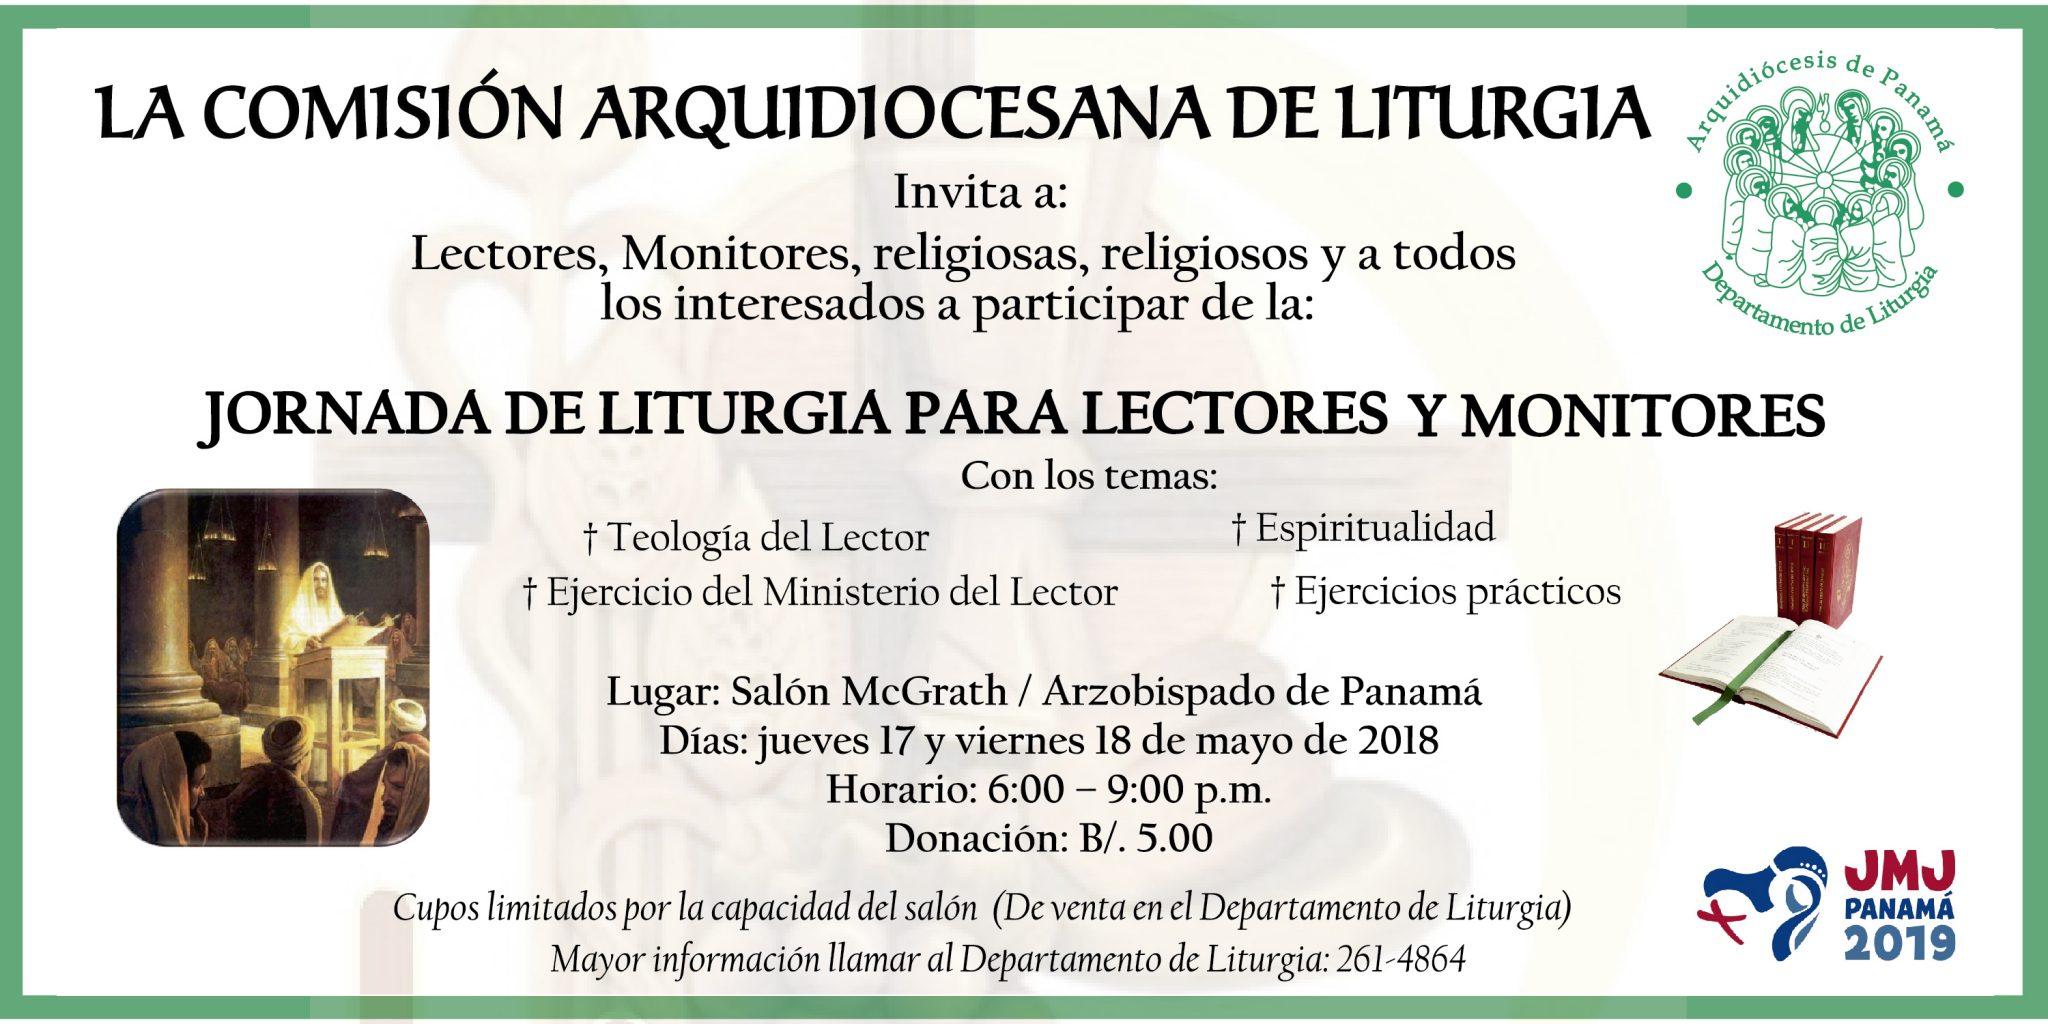 Jornada de Liturgia para lectores y Monitores